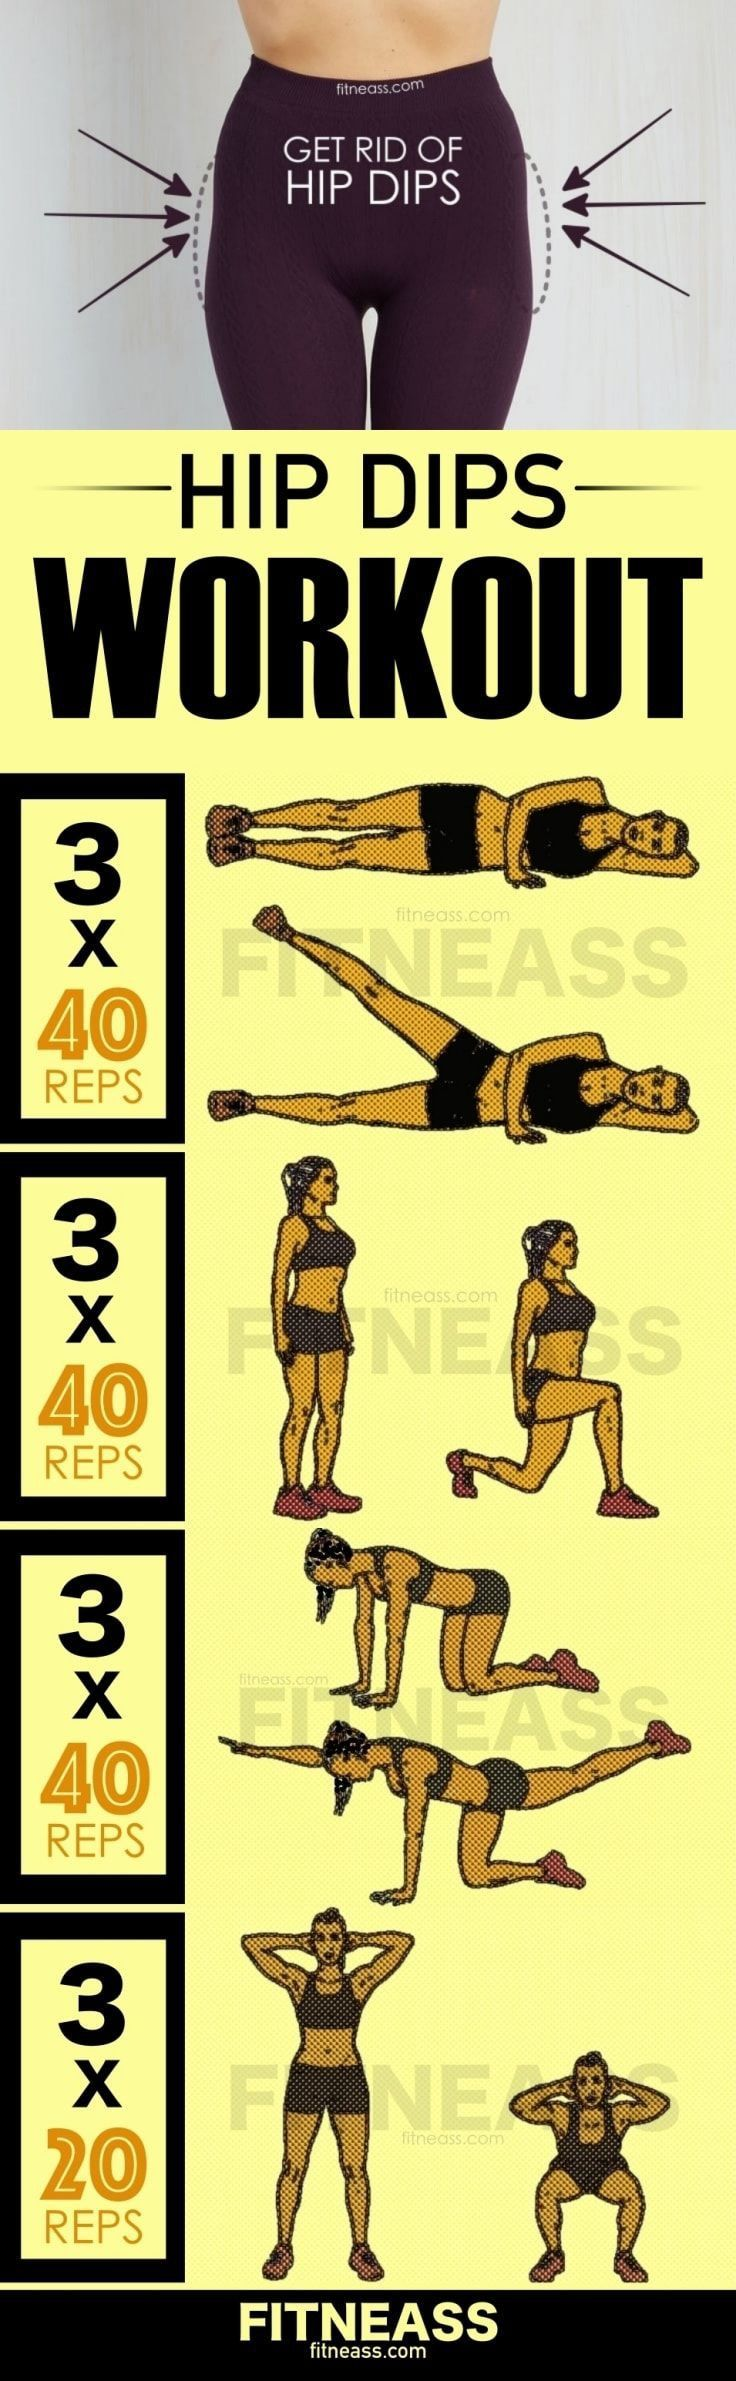 ejercicios amzn.to/2s1pFNY